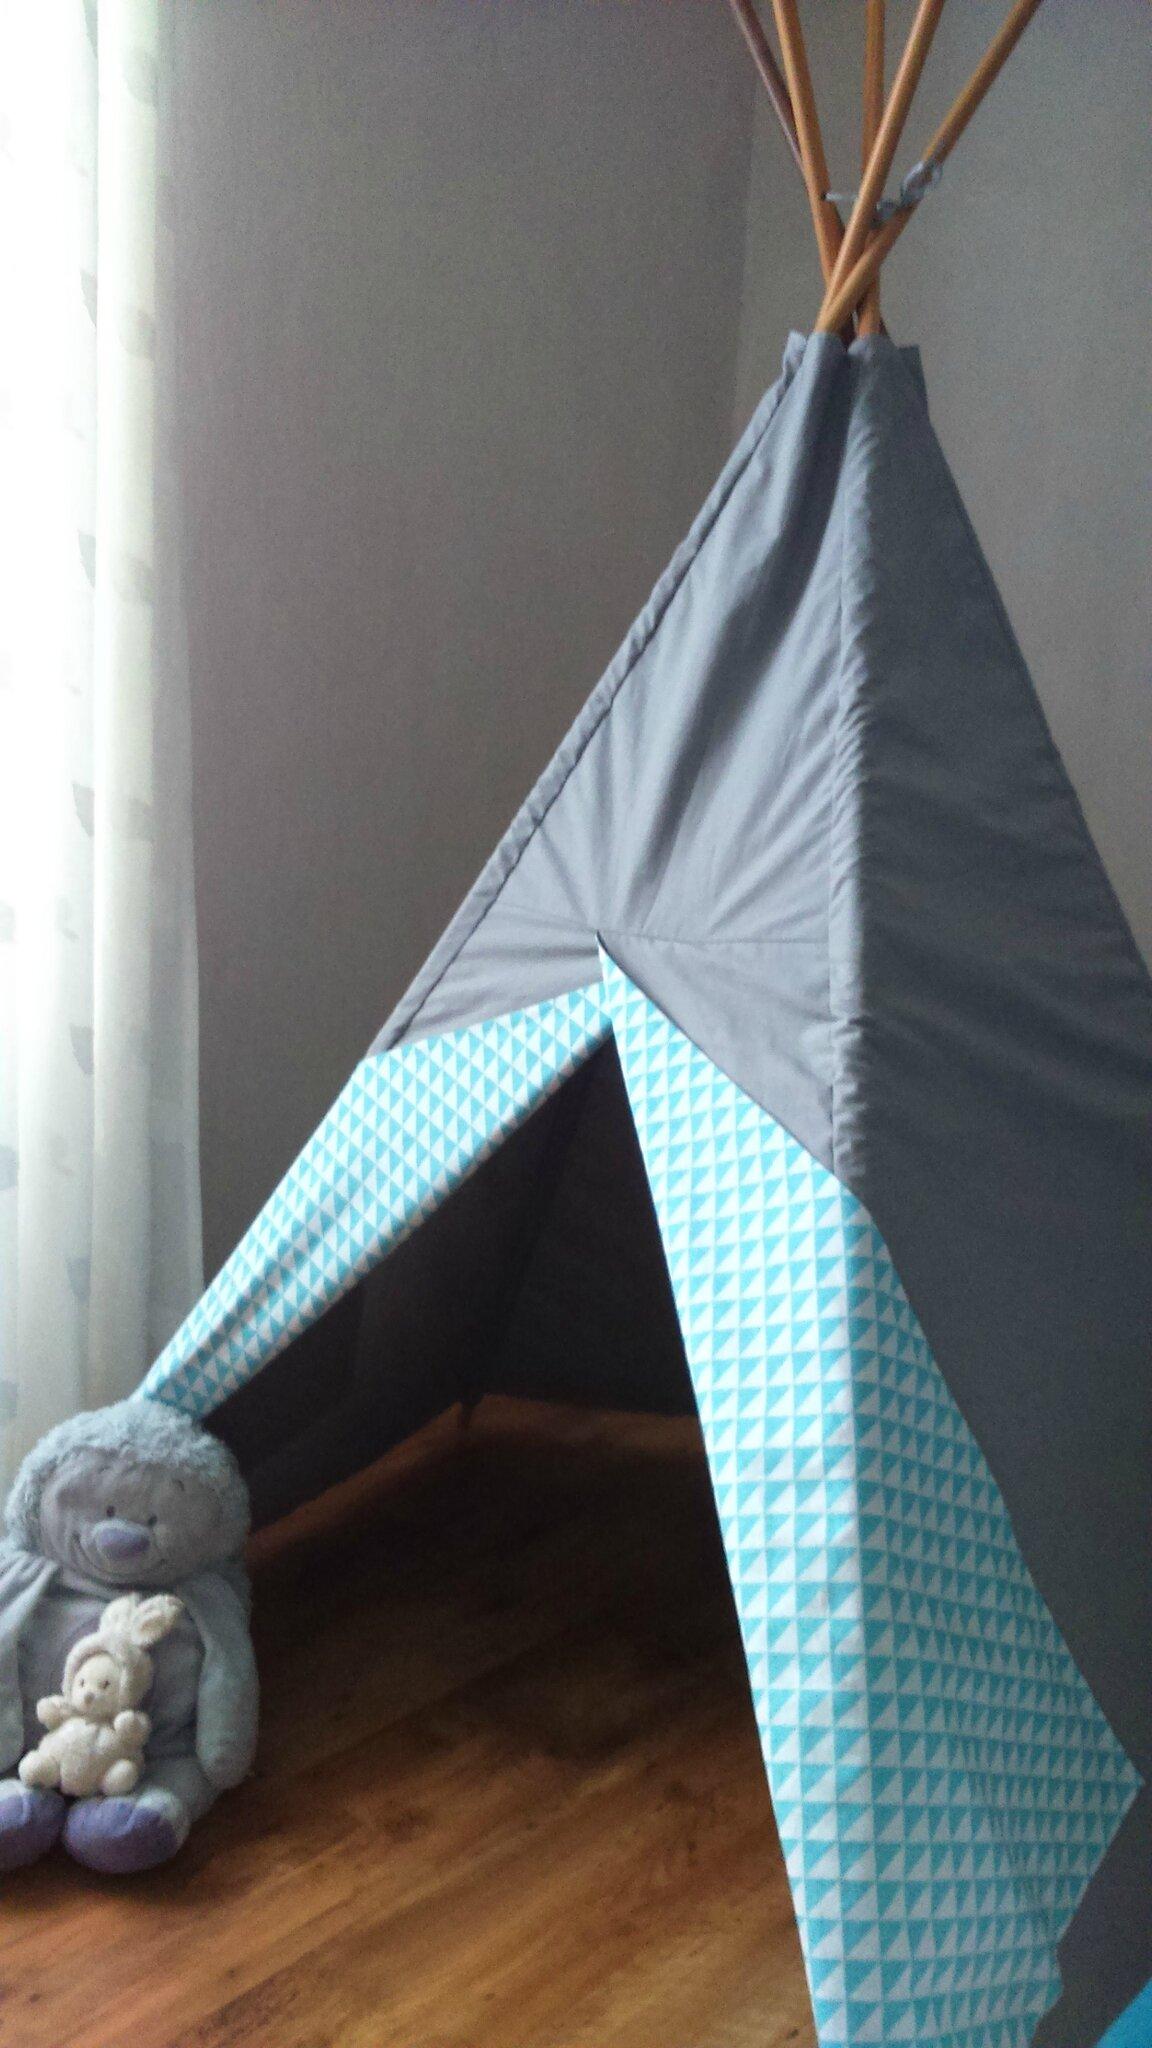 le tipi gris à triangles turquoises